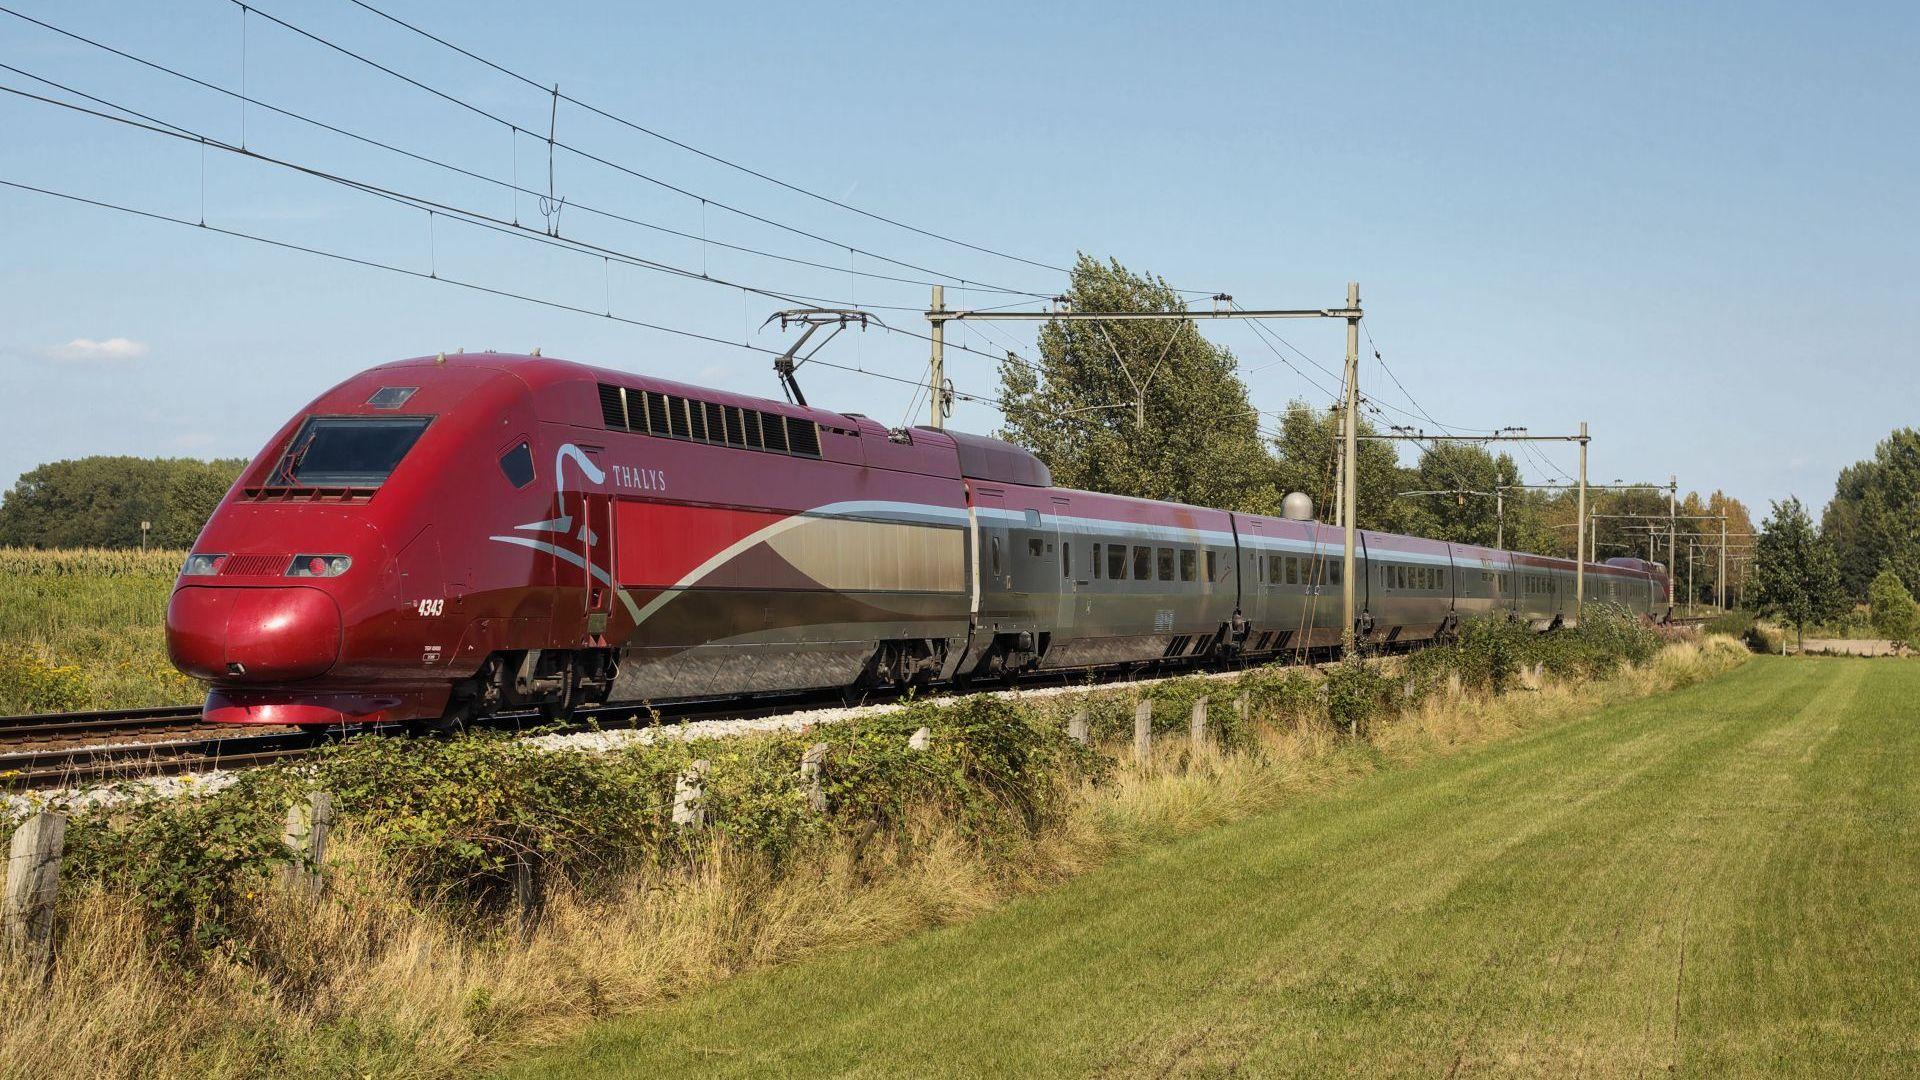 Спират влаковете между Франция и Белгия заради жегите